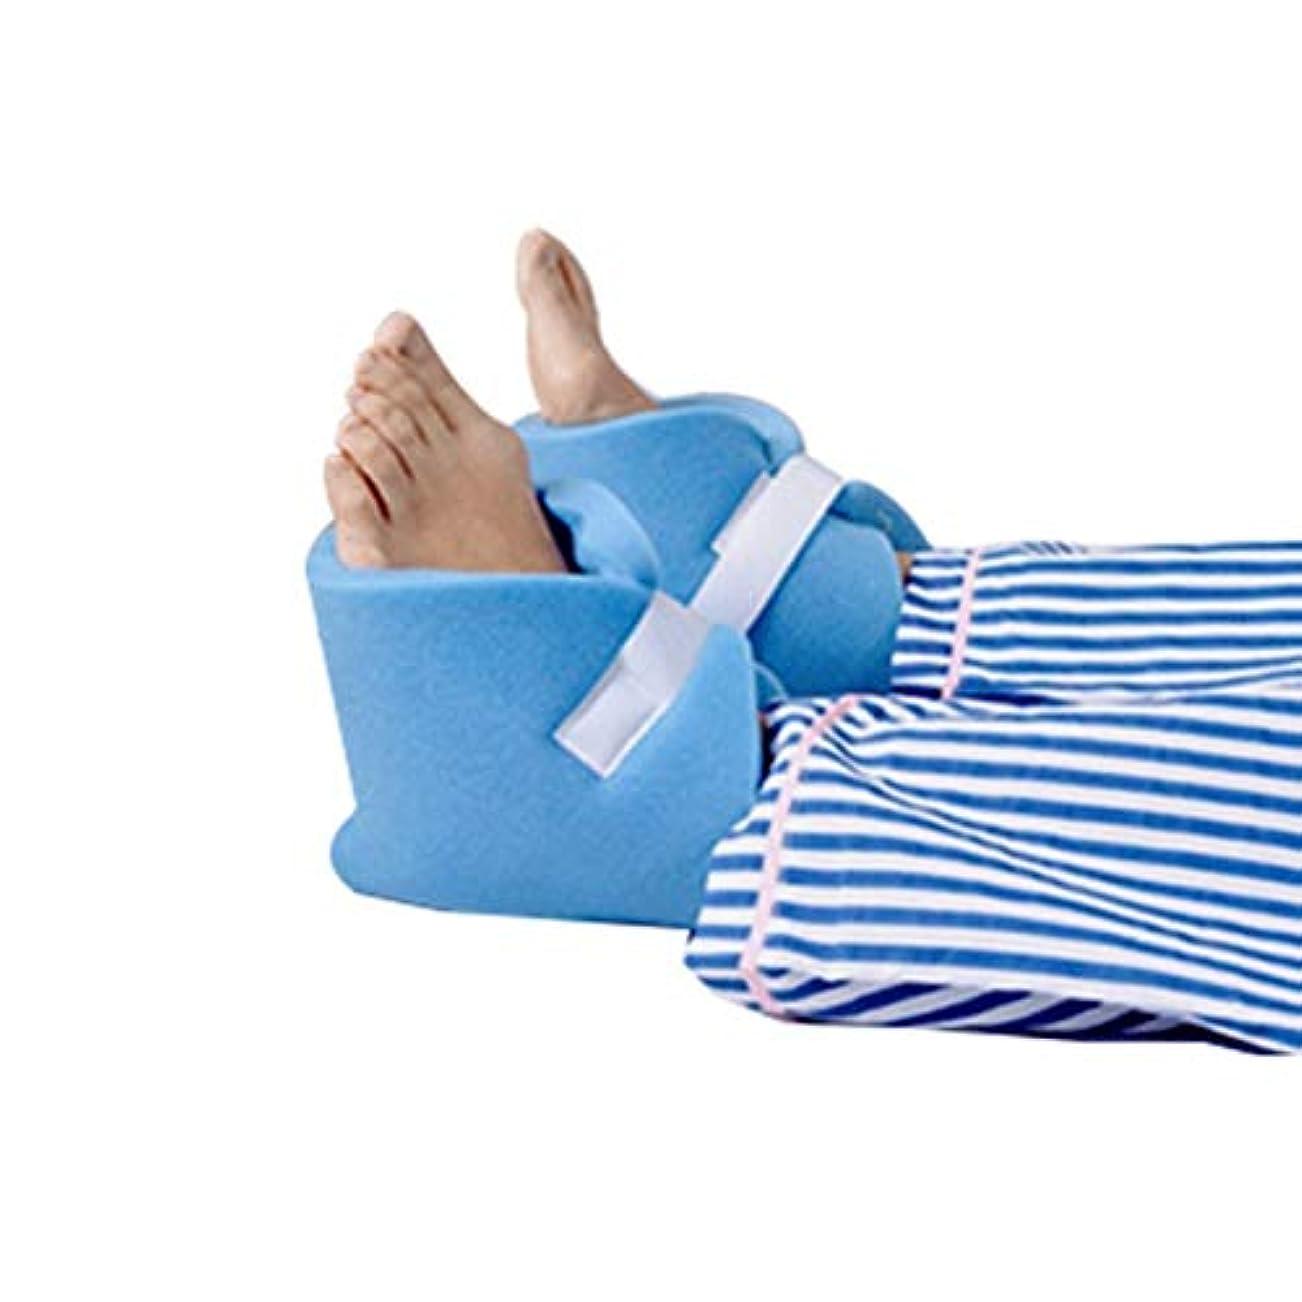 カウンタホテル他の日フォームヒールクッション、Pressure瘡予防のための足首プロテクター、デラックスワンペア(ブルー)